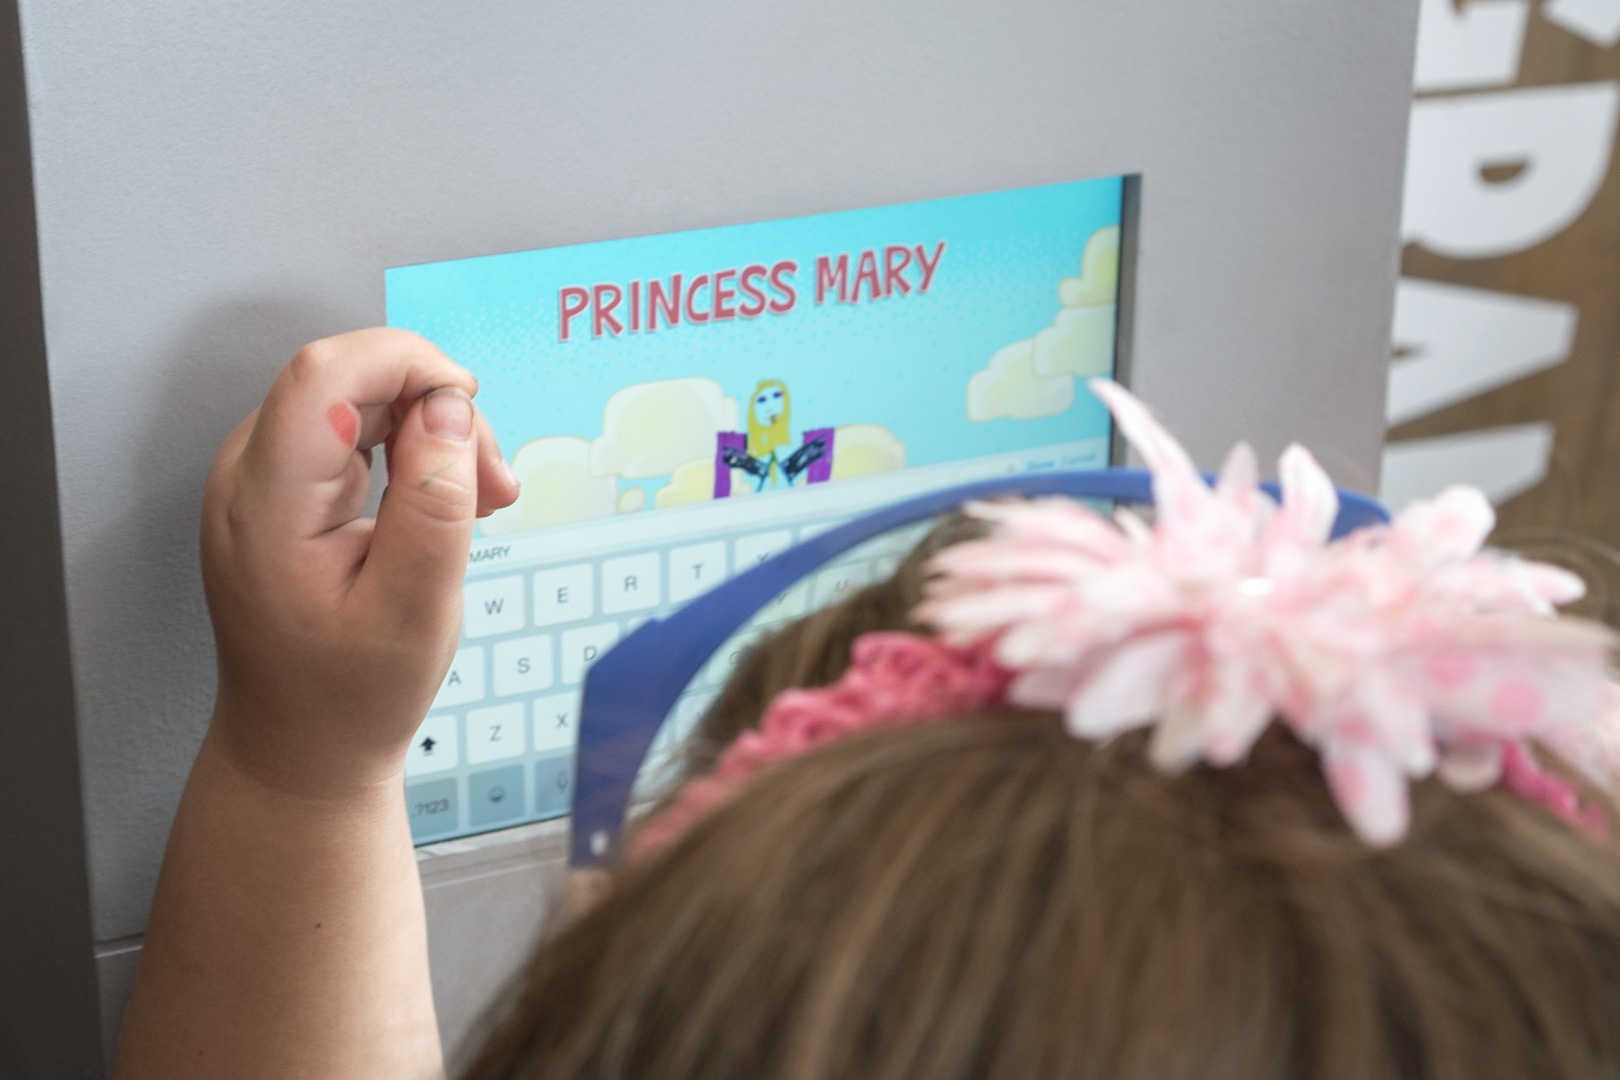 DonutDash_PrincessMary_1920x1280.jpg